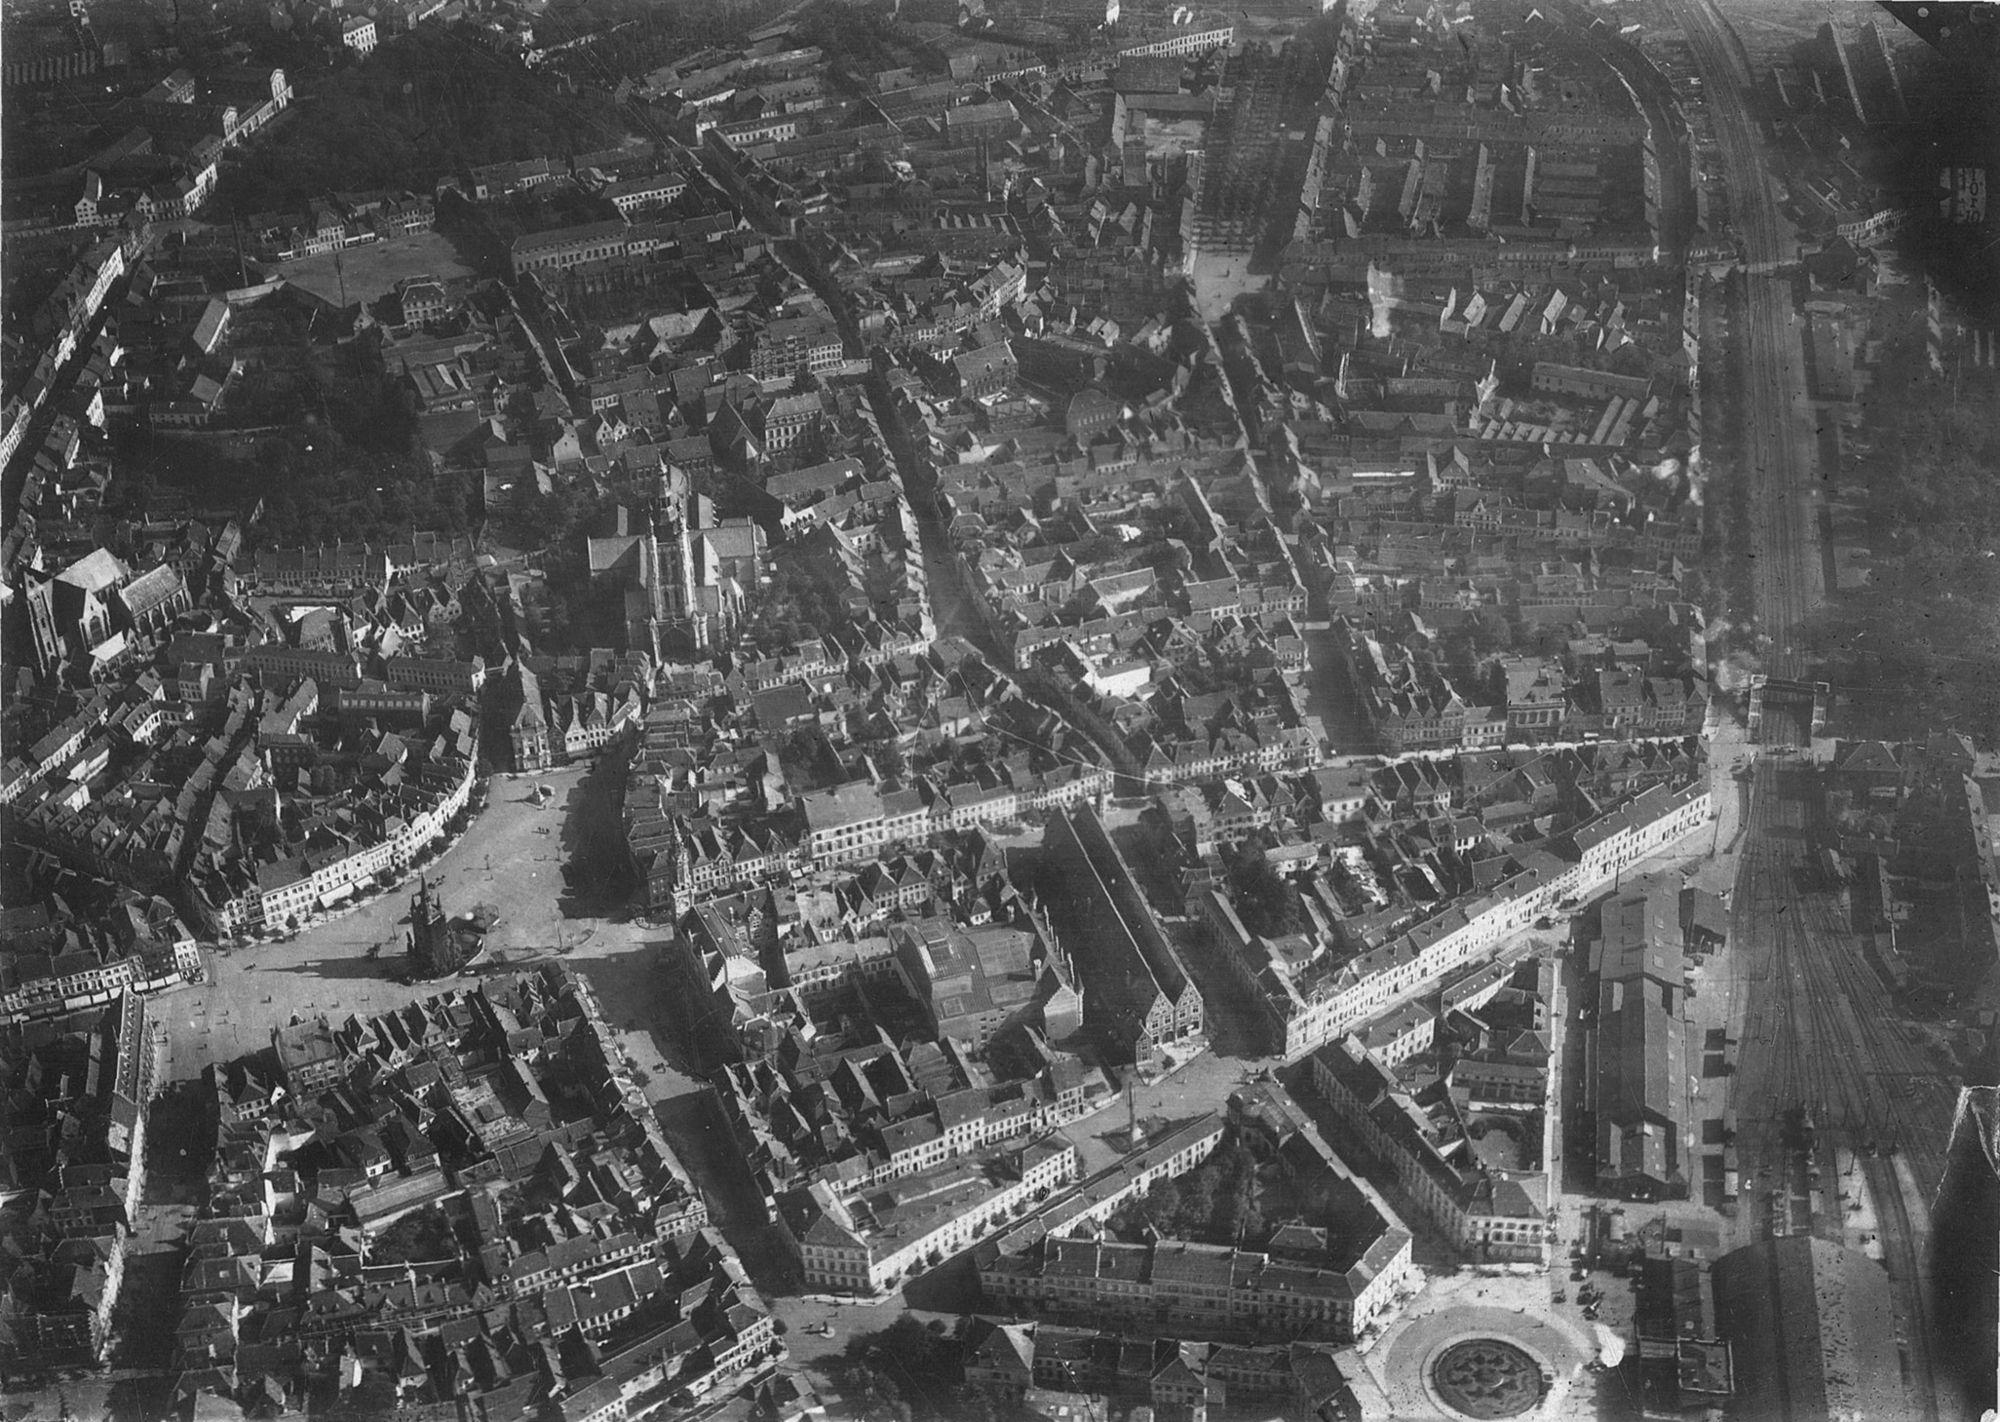 Luchtfoto over centrum van Kortrijk